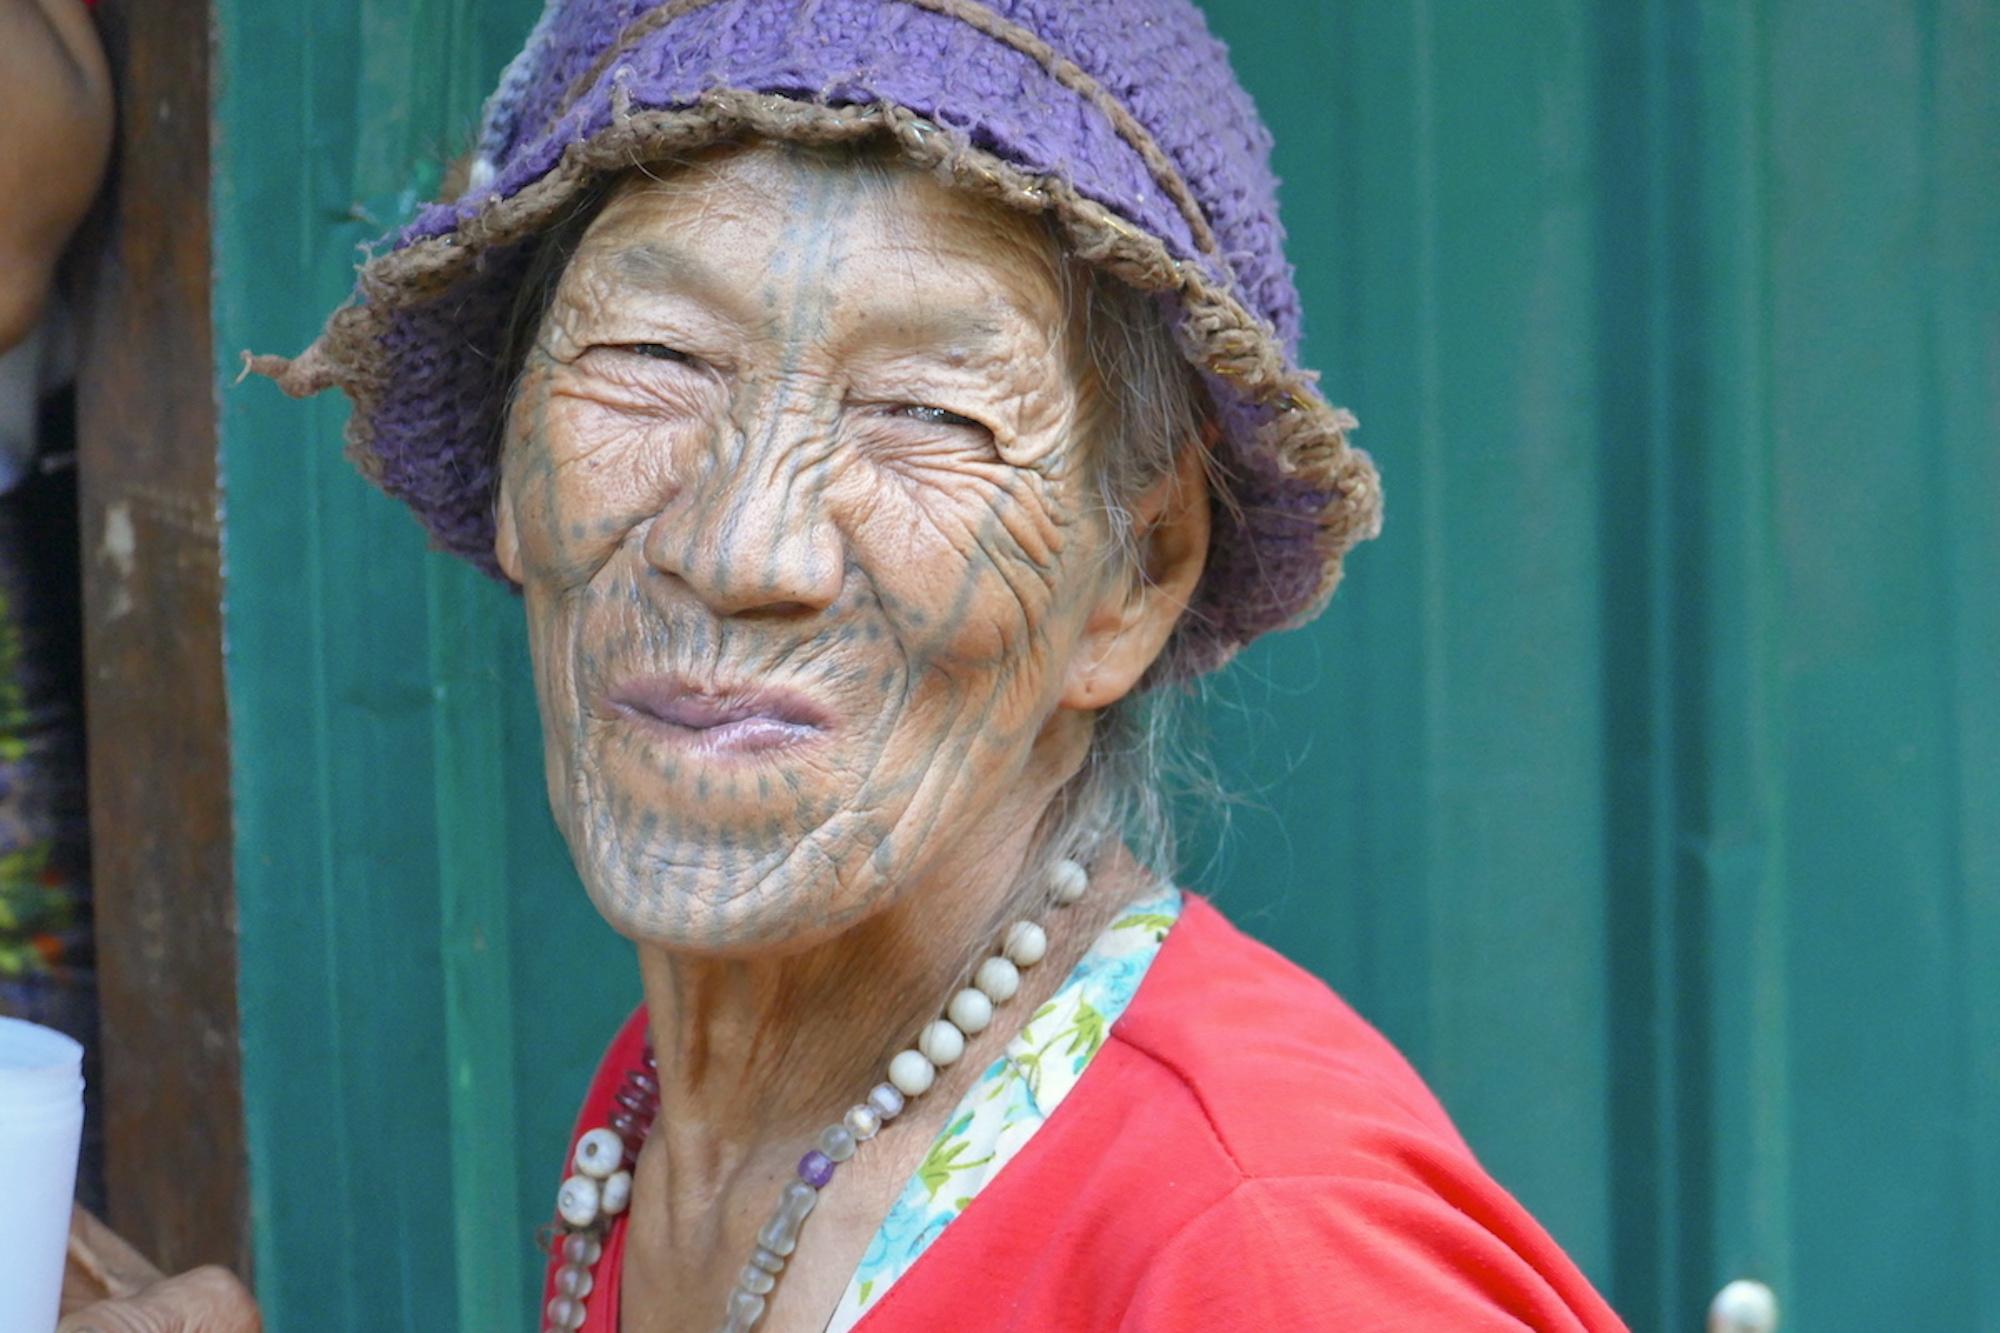 Chin State, Wanderung Tag 2, es wird wieder viel Hirsewein getrunken